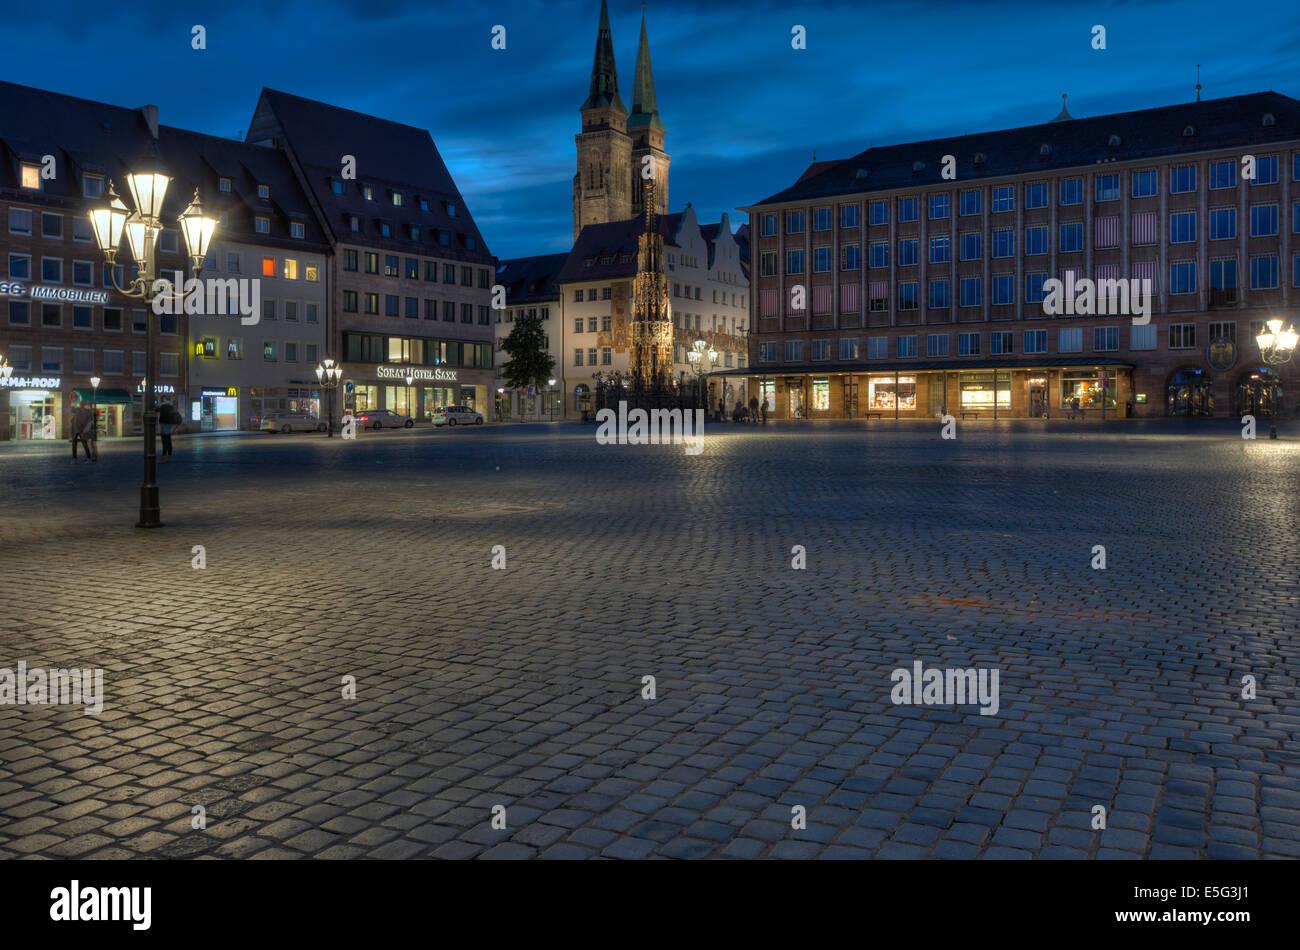 Der Hauptmarkt (Hauptmarkt) in der Nürnberger Altstadt. Stockbild